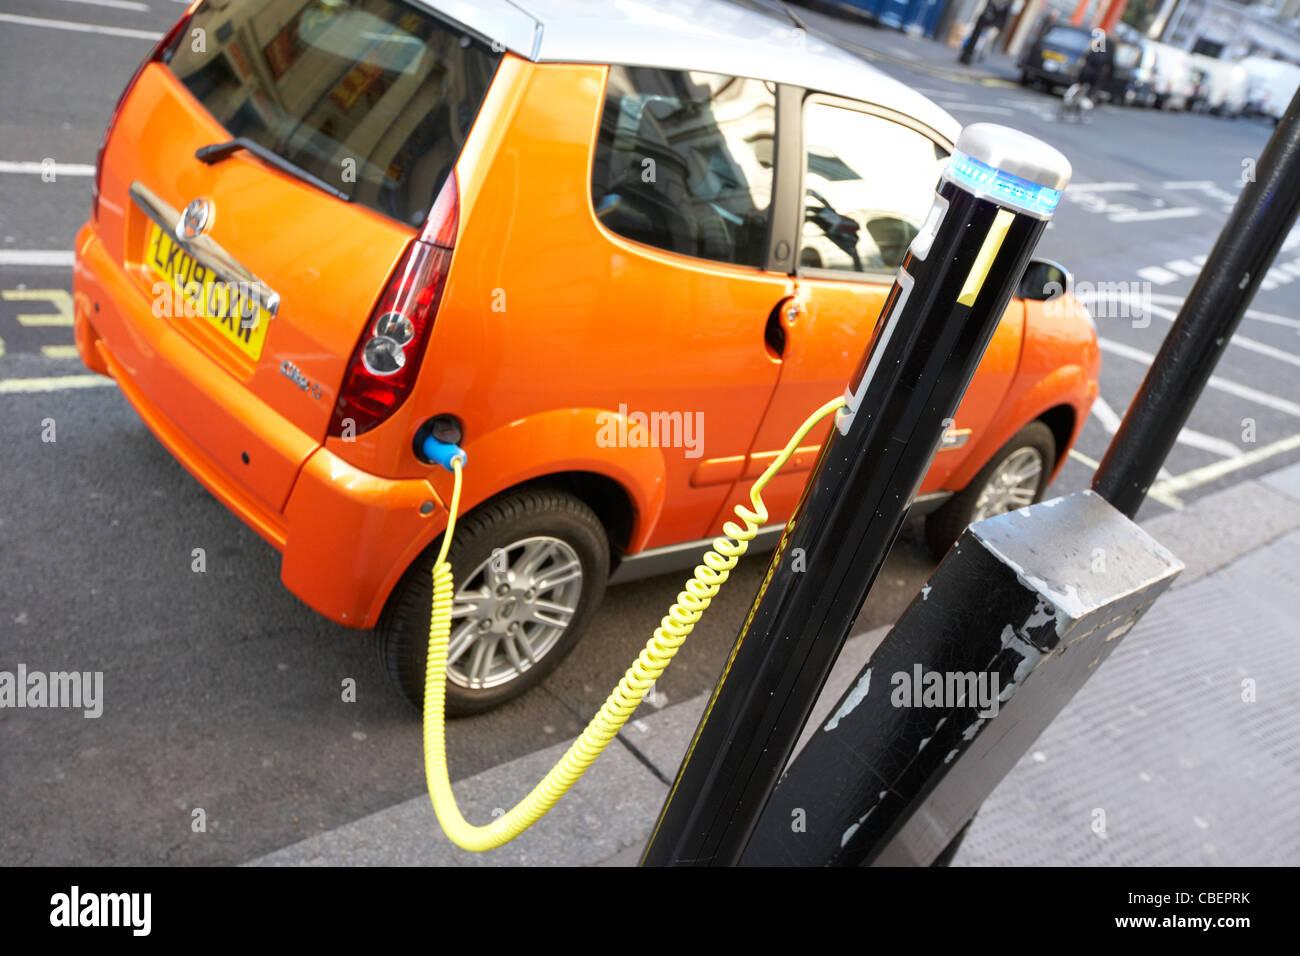 Voiture électrique point de recharge London England uk united kingdom Photo Stock